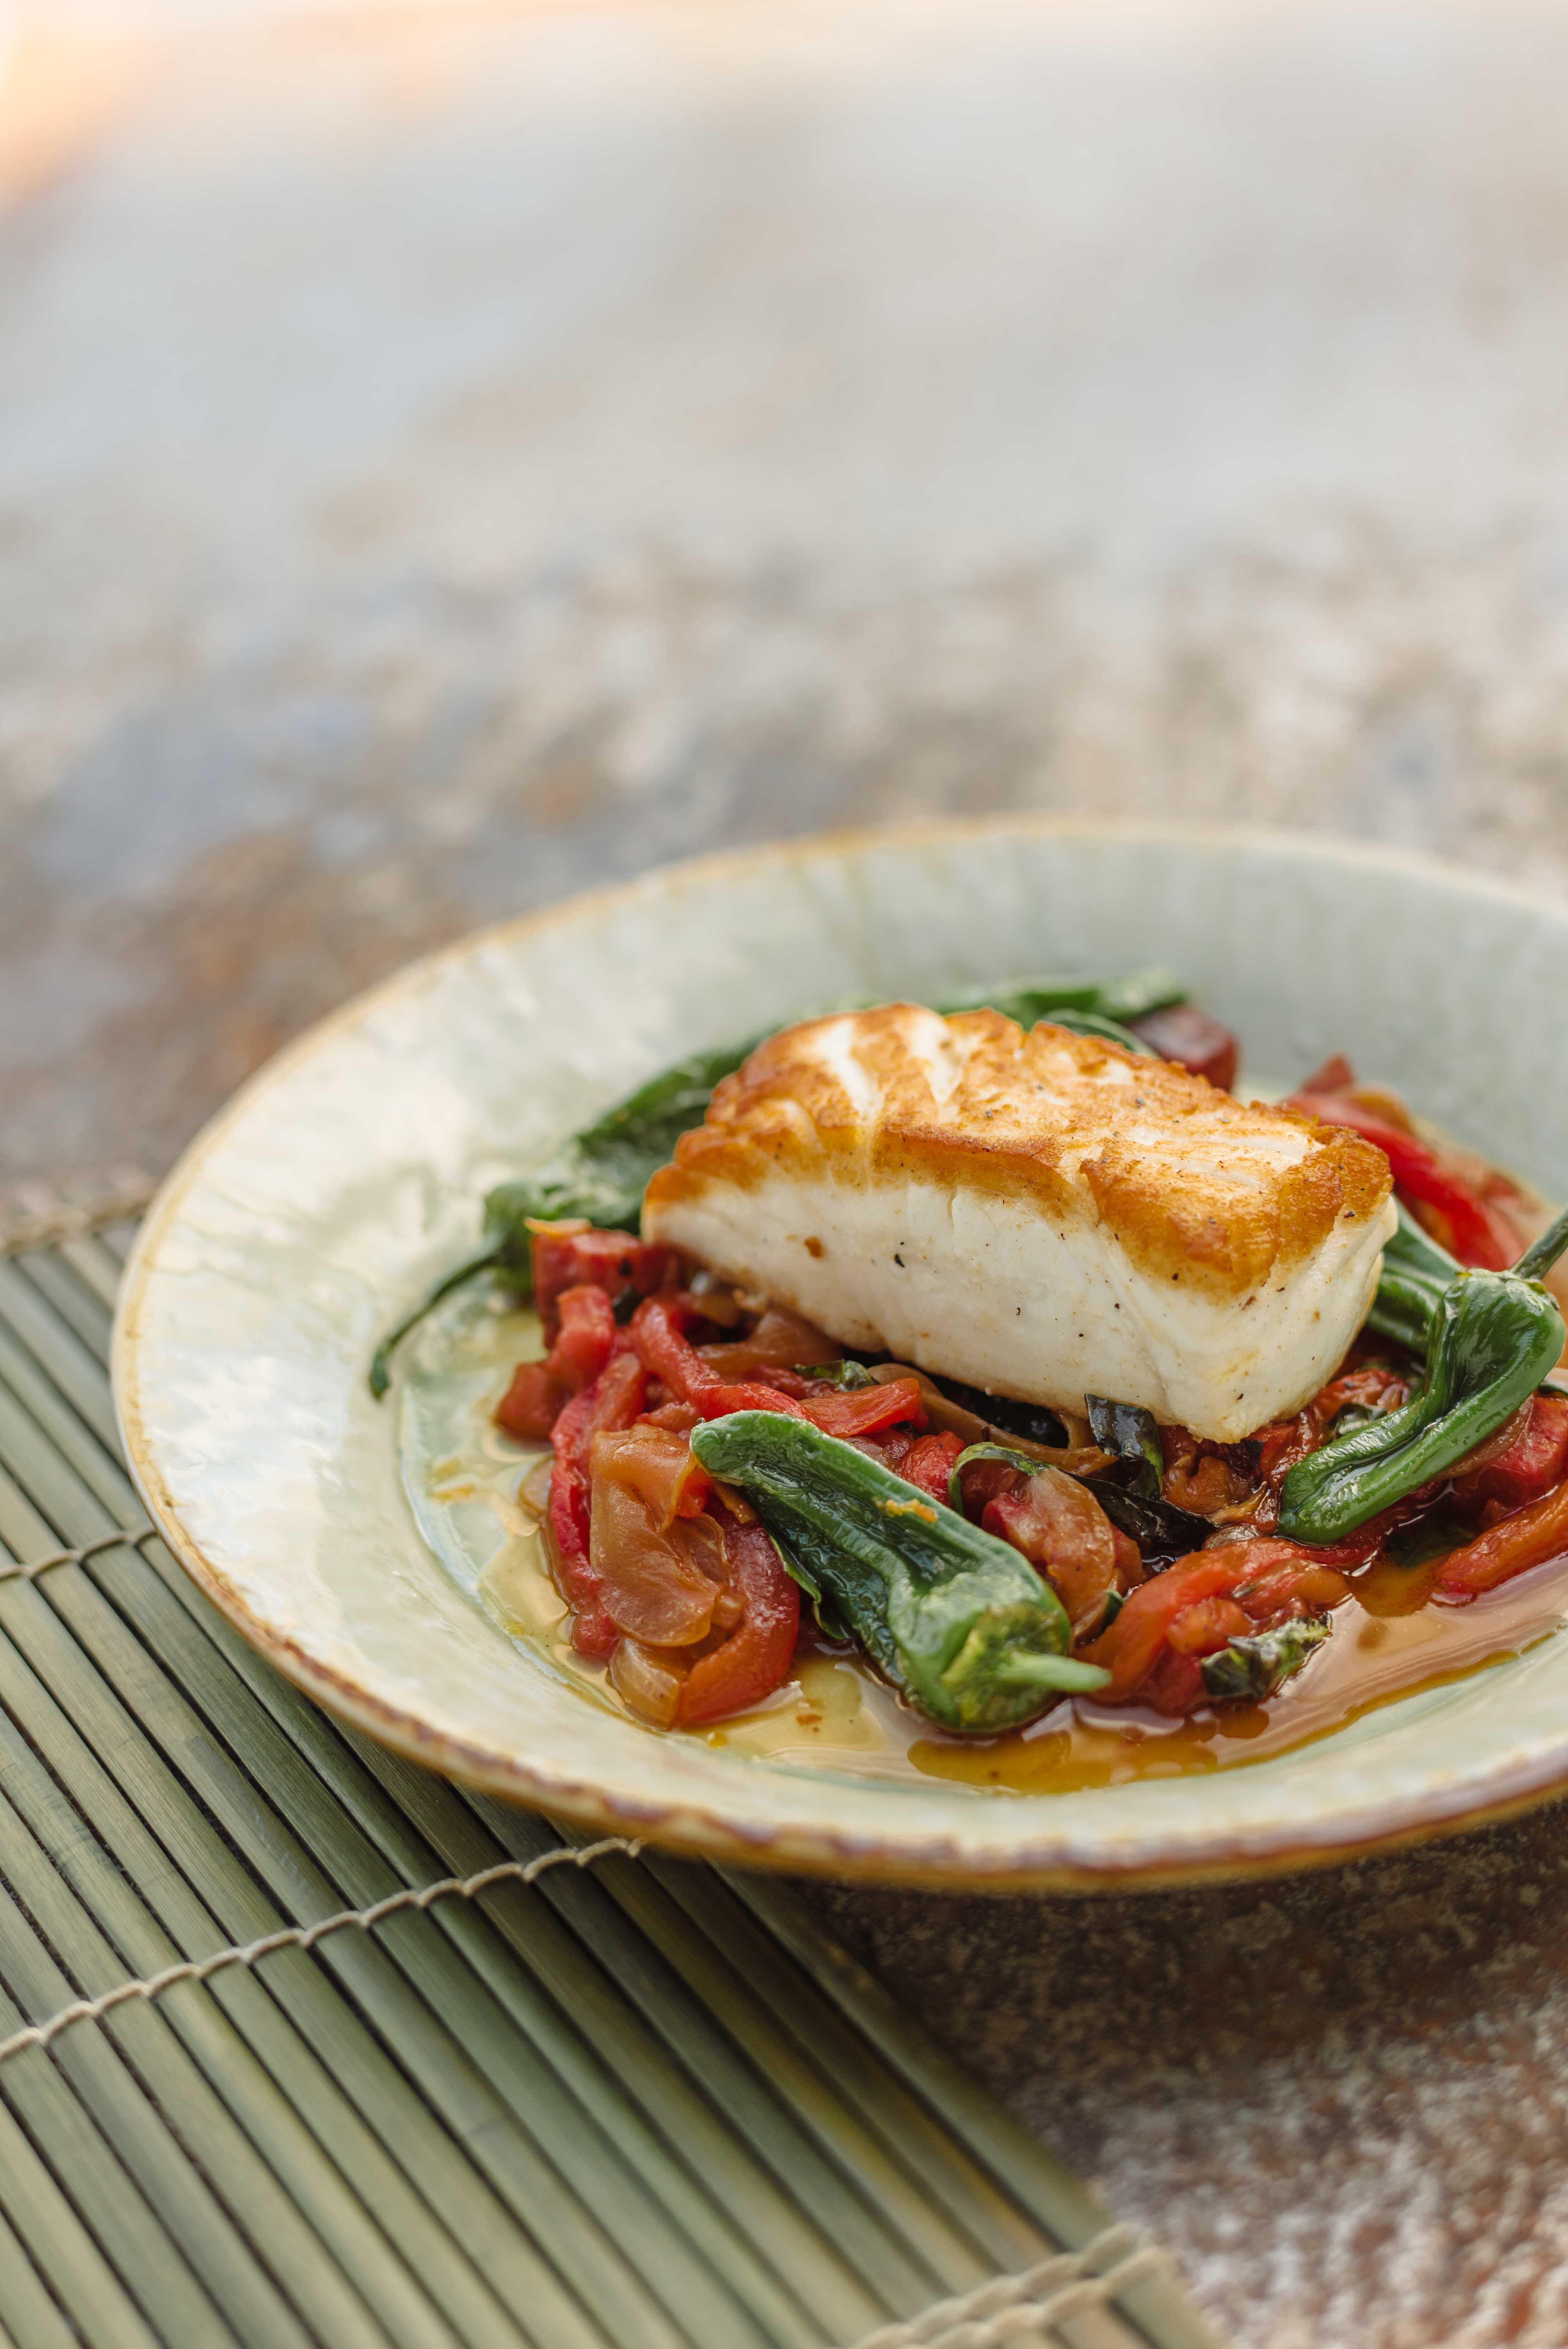 Halibut peppersTom Kitchin Fish & Shellfish 613